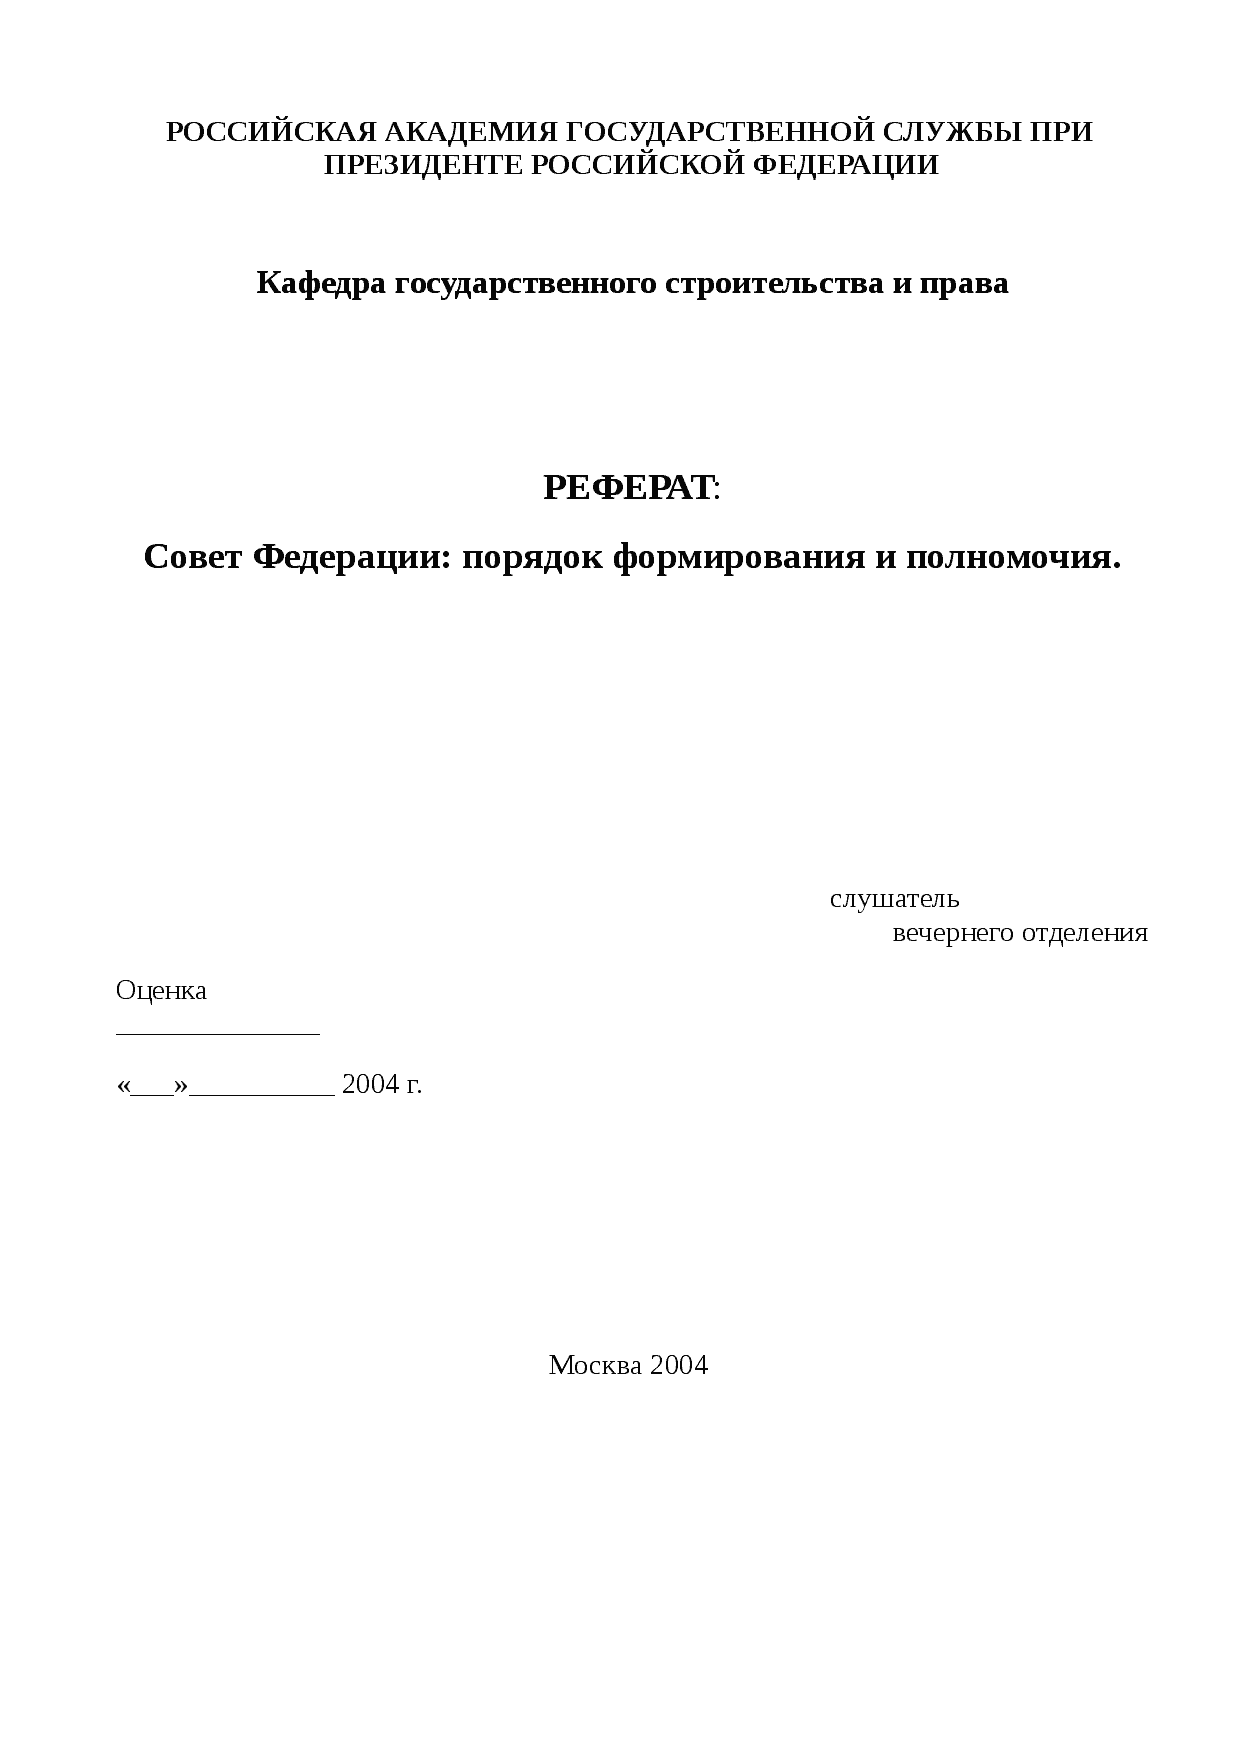 Доклад федеральное собрание рф кратко сообщение